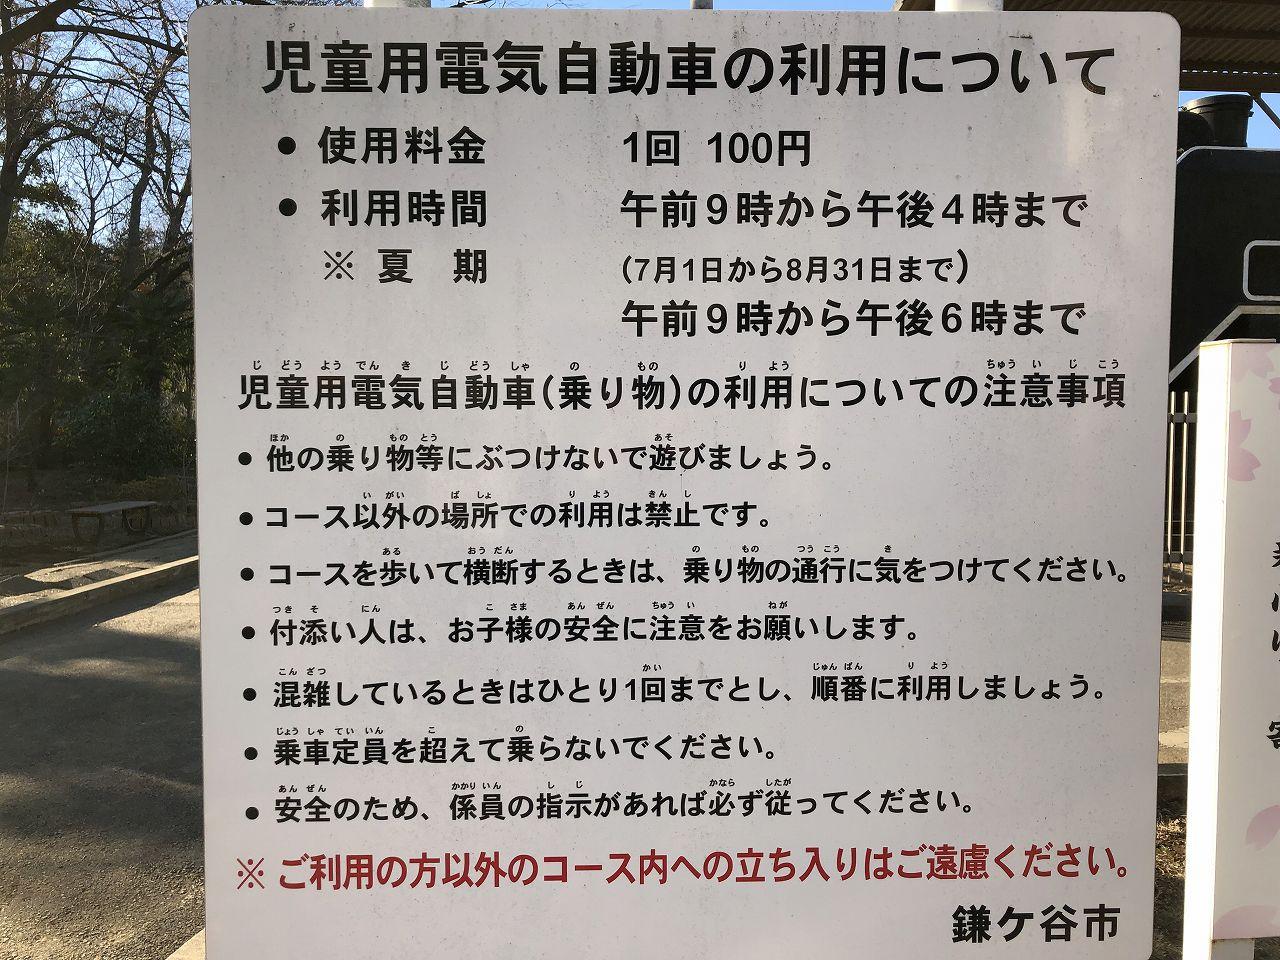 鎌ヶ谷市制記念公園のバッテリーカー